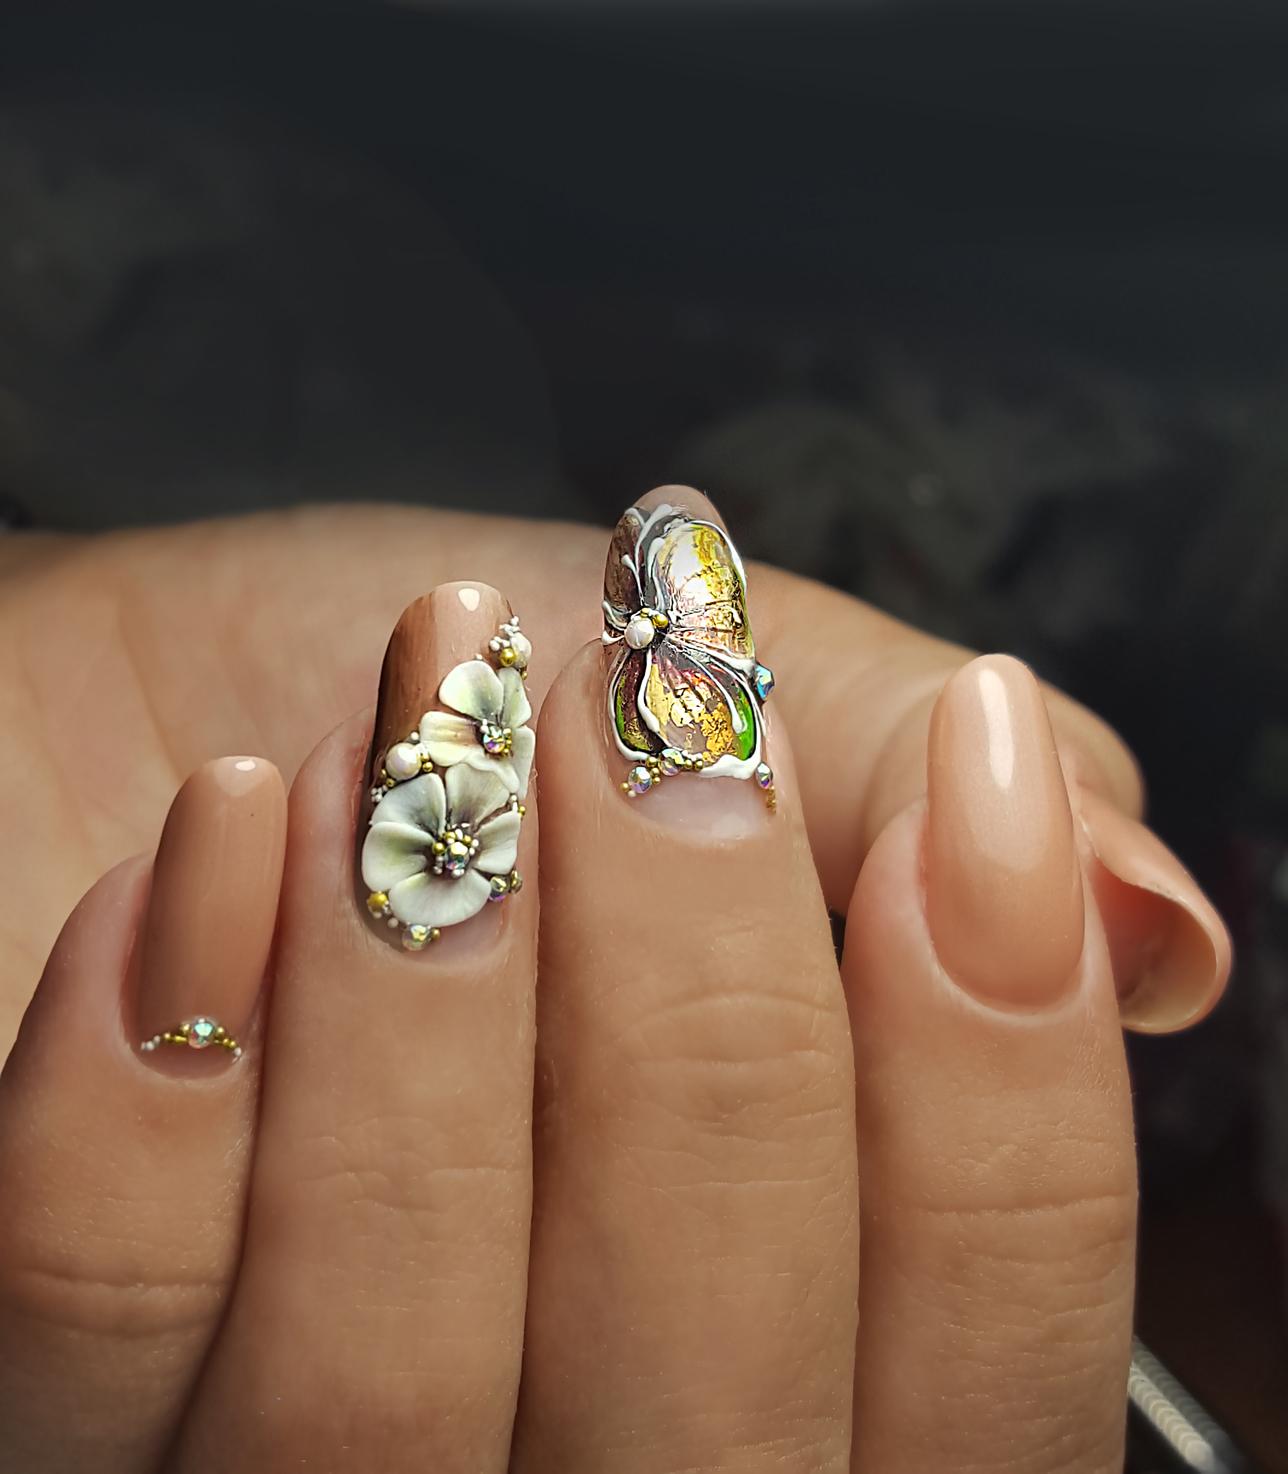 Маникюр с цветочной лепкой и стразами в персиковом цвете.